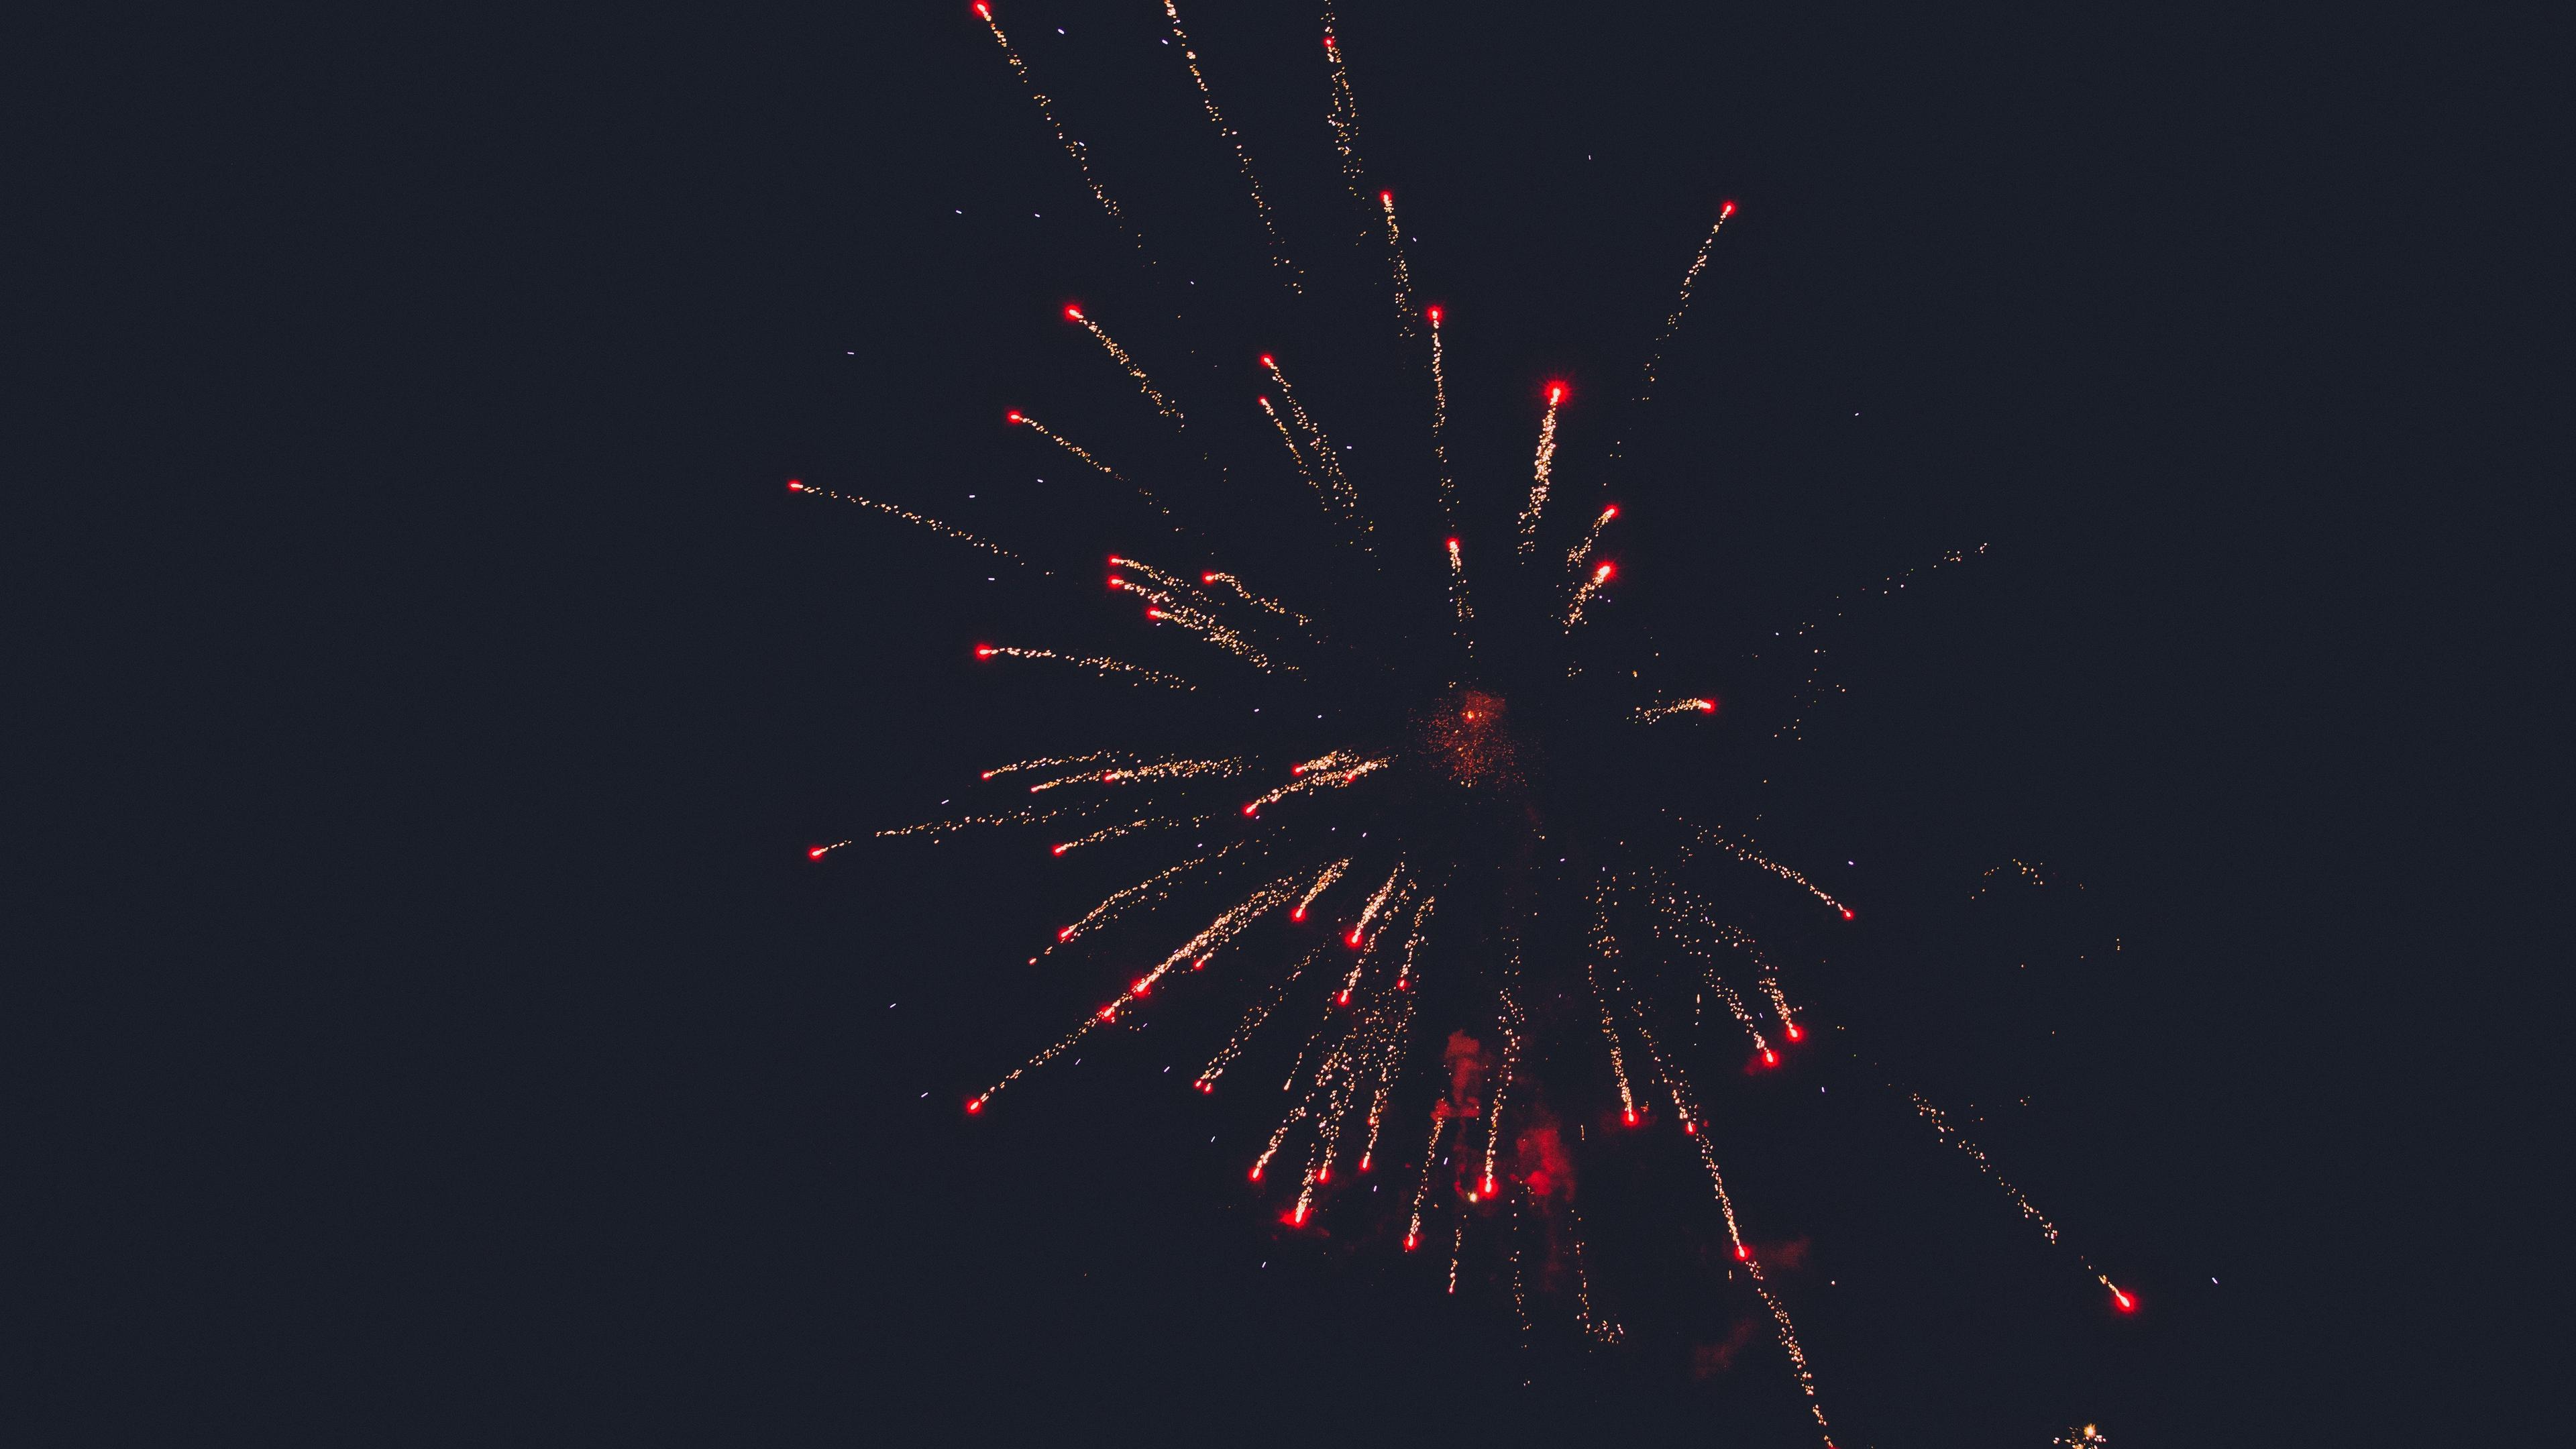 salute sky night fireworks 4k 1538344856 - salute, sky, night, fireworks 4k - Sky, salute, Night